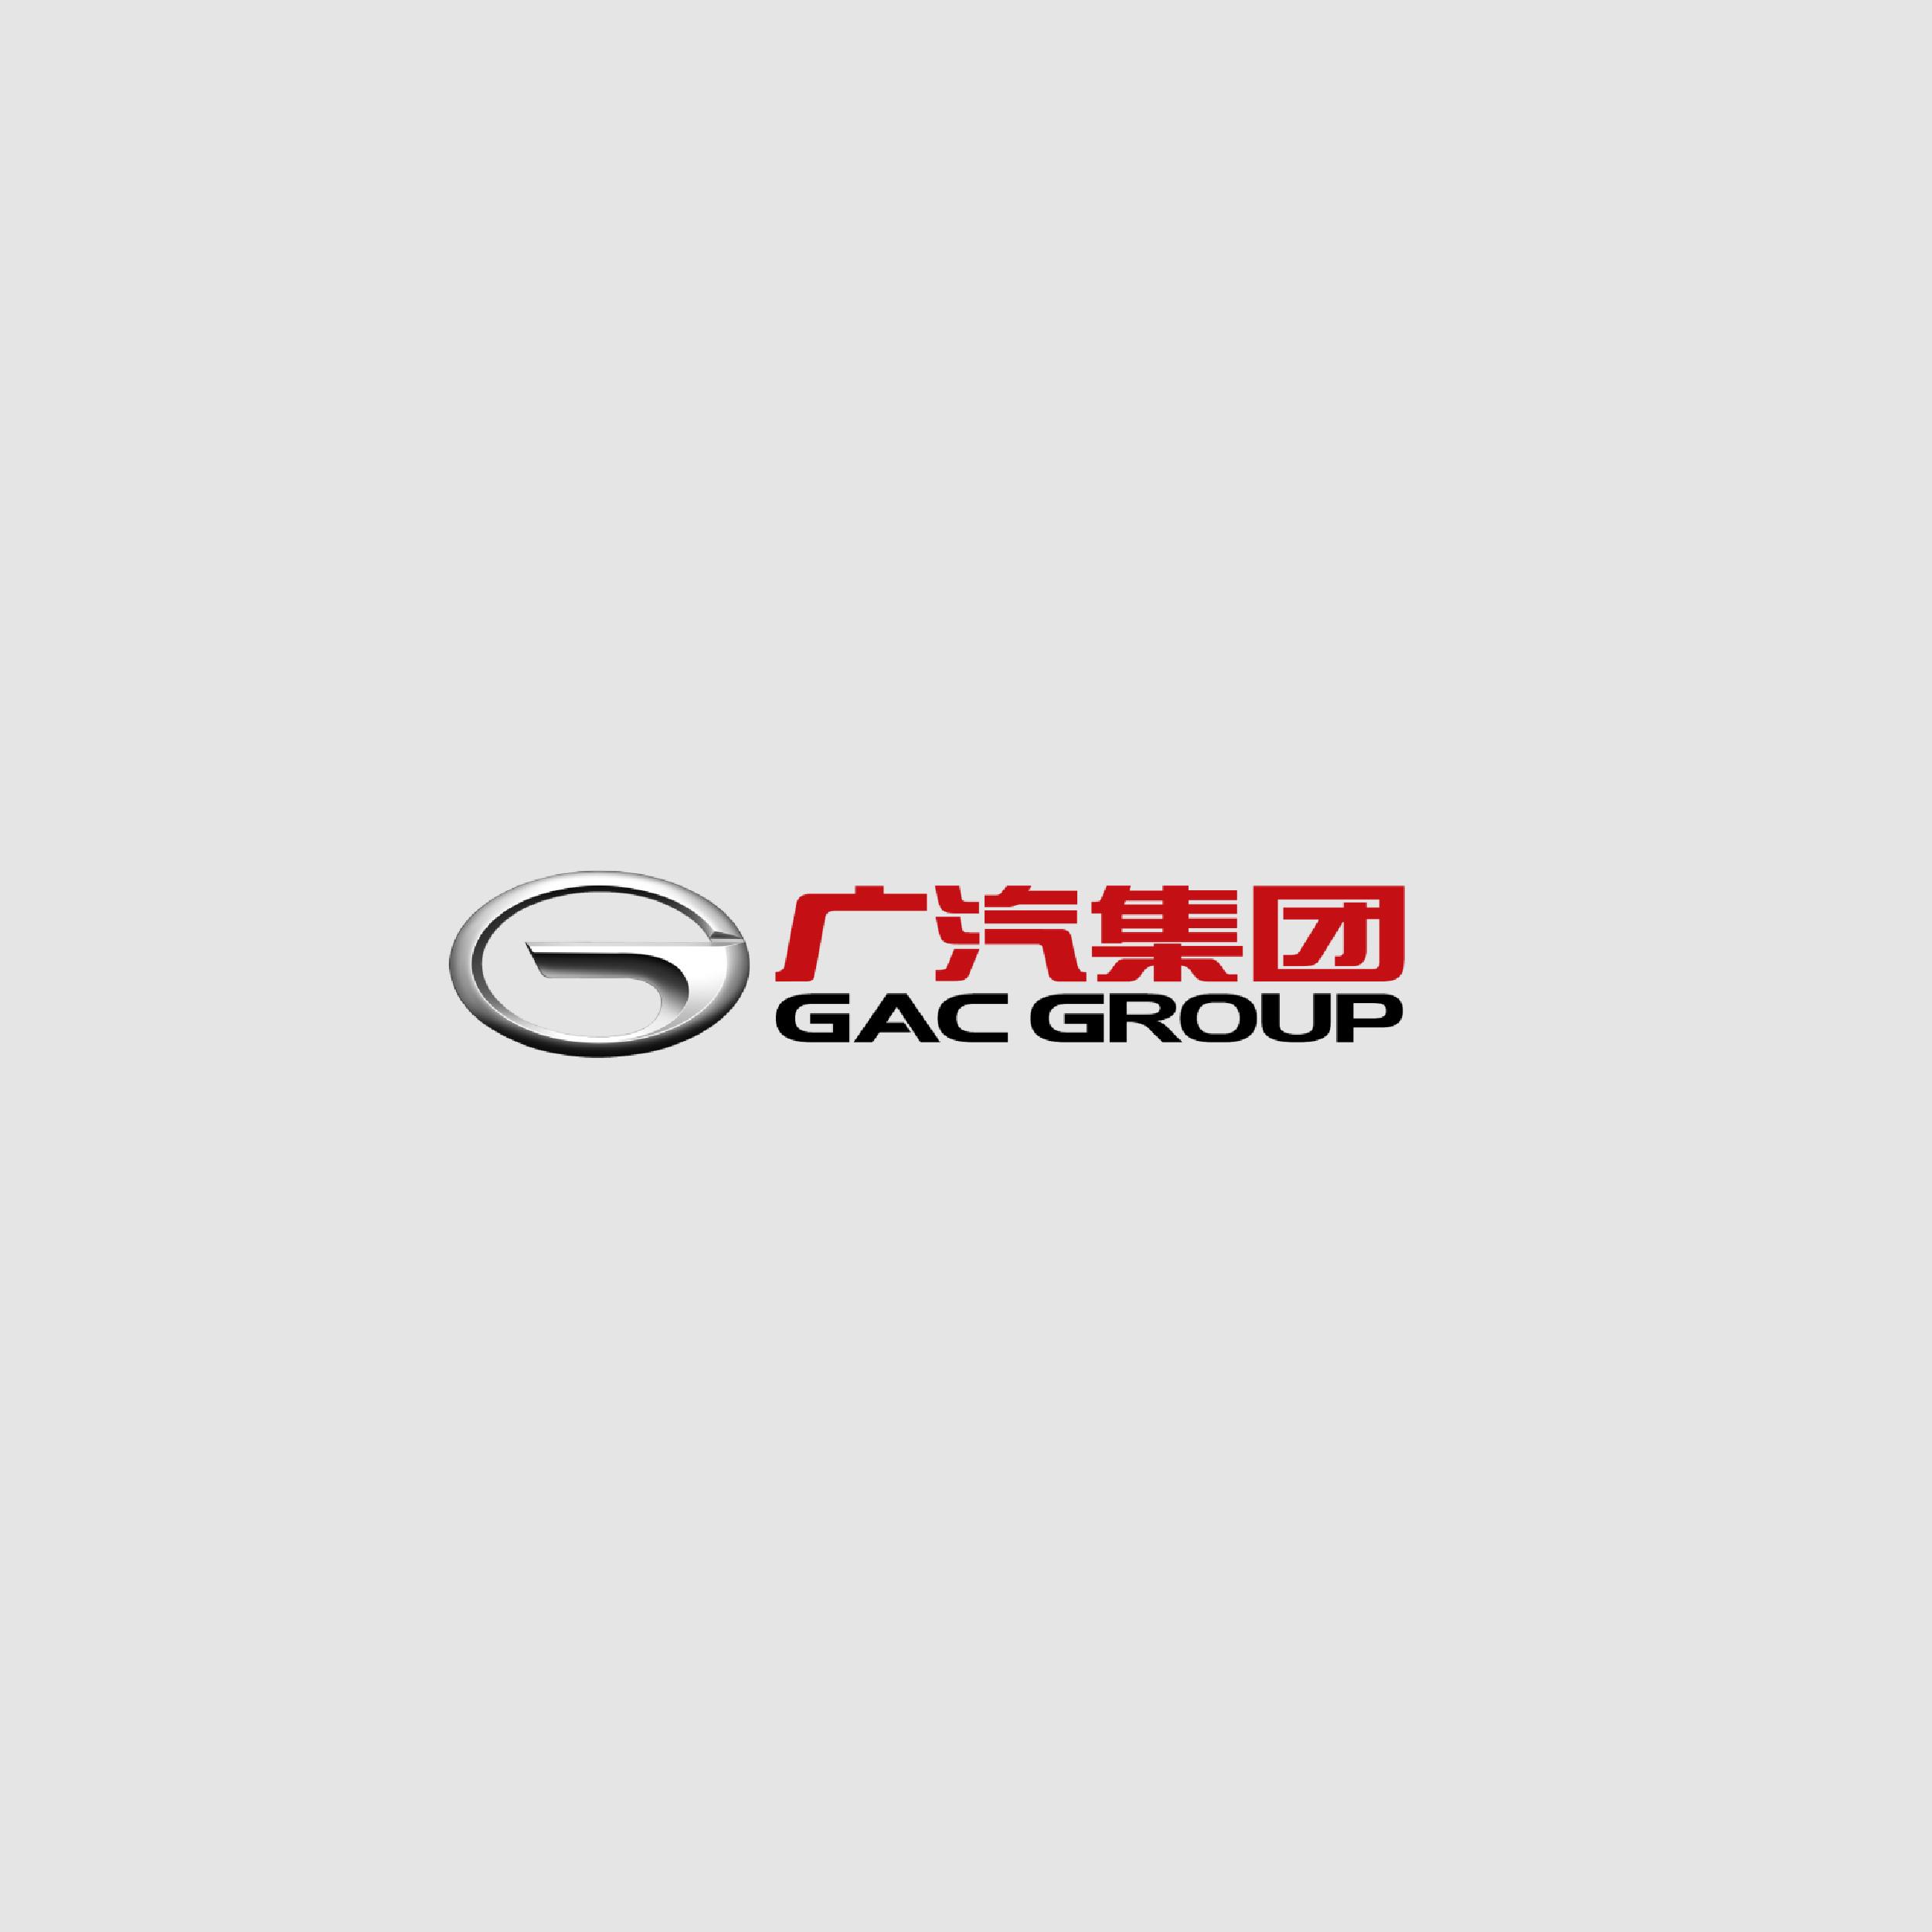 广汽集团-cs6-02